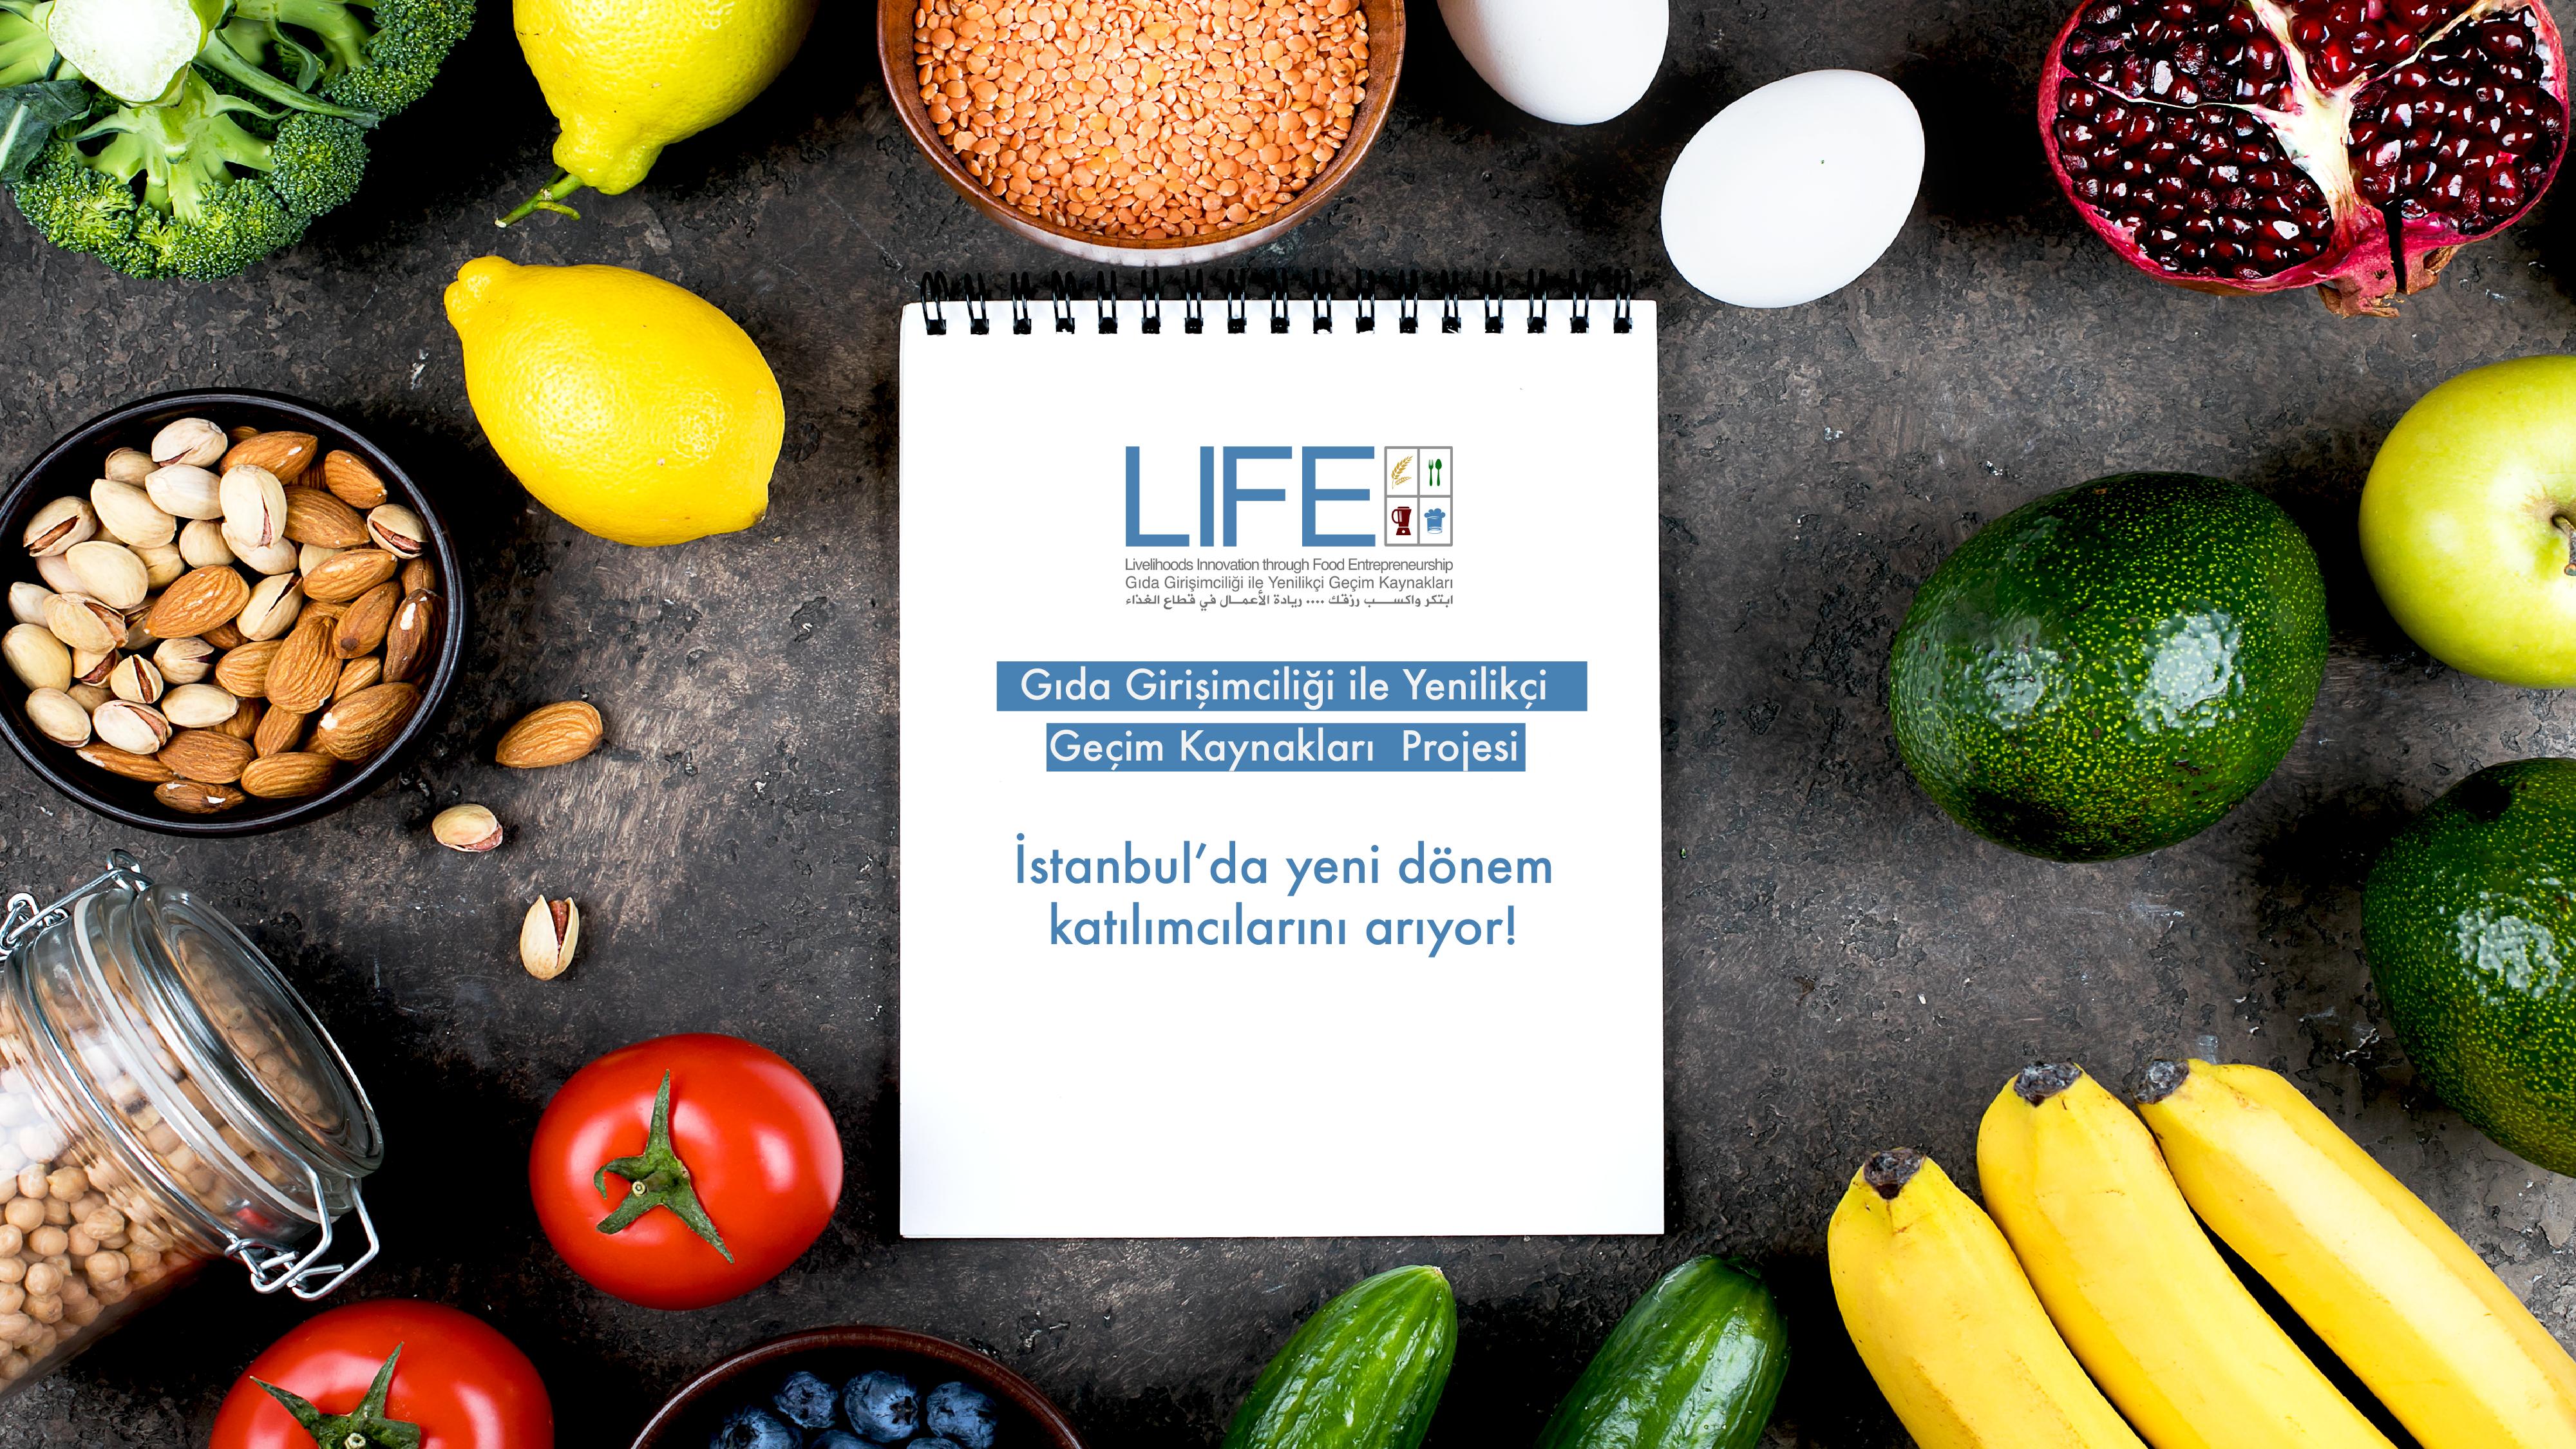 LIFE (Gıda Girişimciliği ile Yenilikçi Geçim Kaynakları) Projesi, İstanbul'da yeni dönem katılımcılarını arıyor!